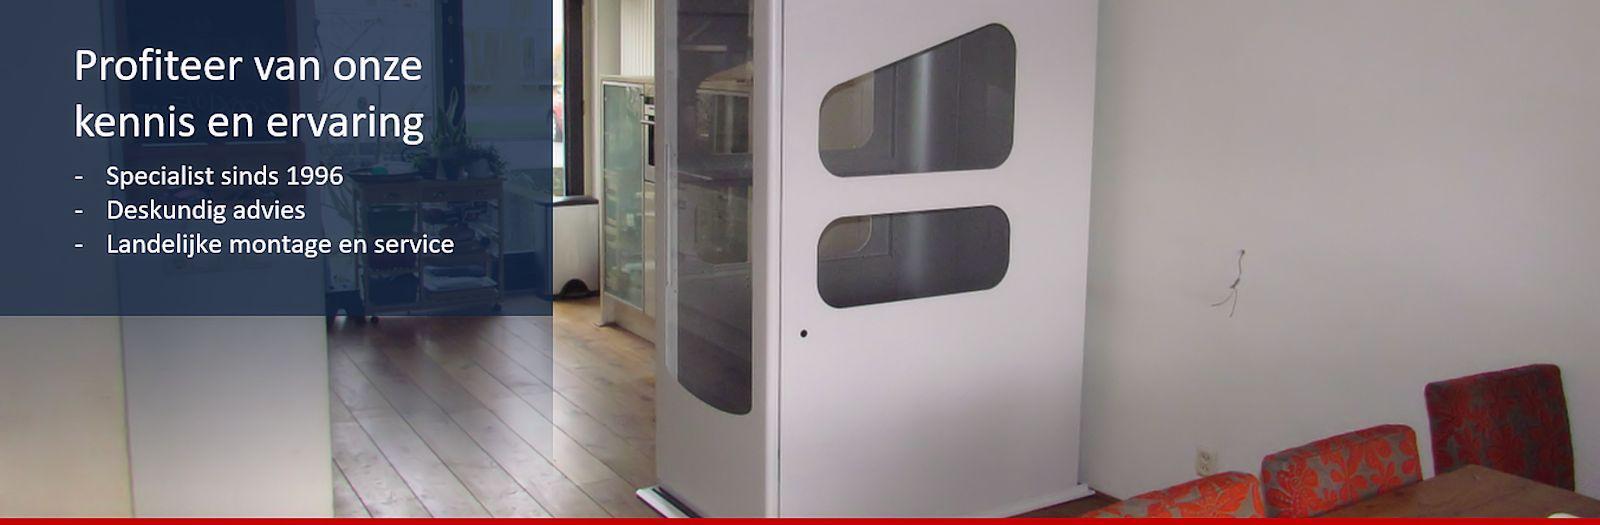 huislift-zonder-schacht-dichte-cabine-1600x525